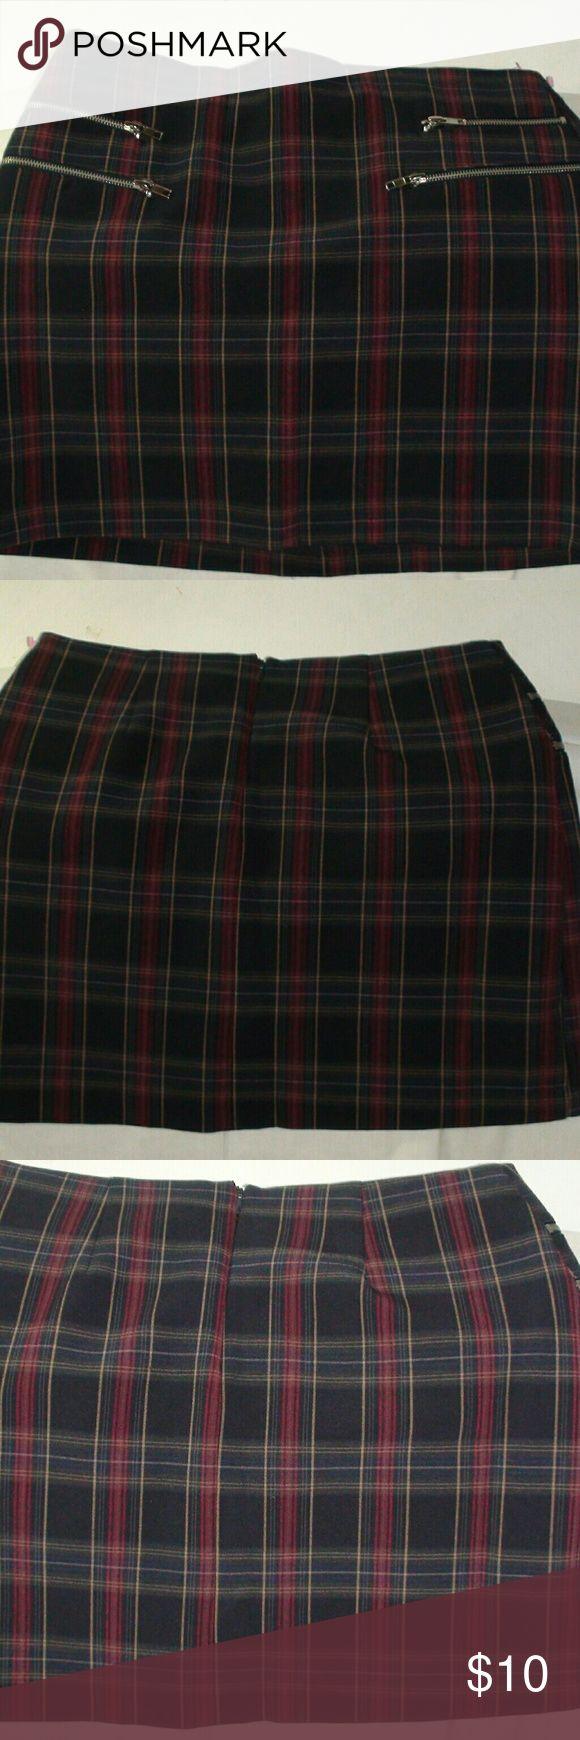 Plaid Skirt Forever 21 Line